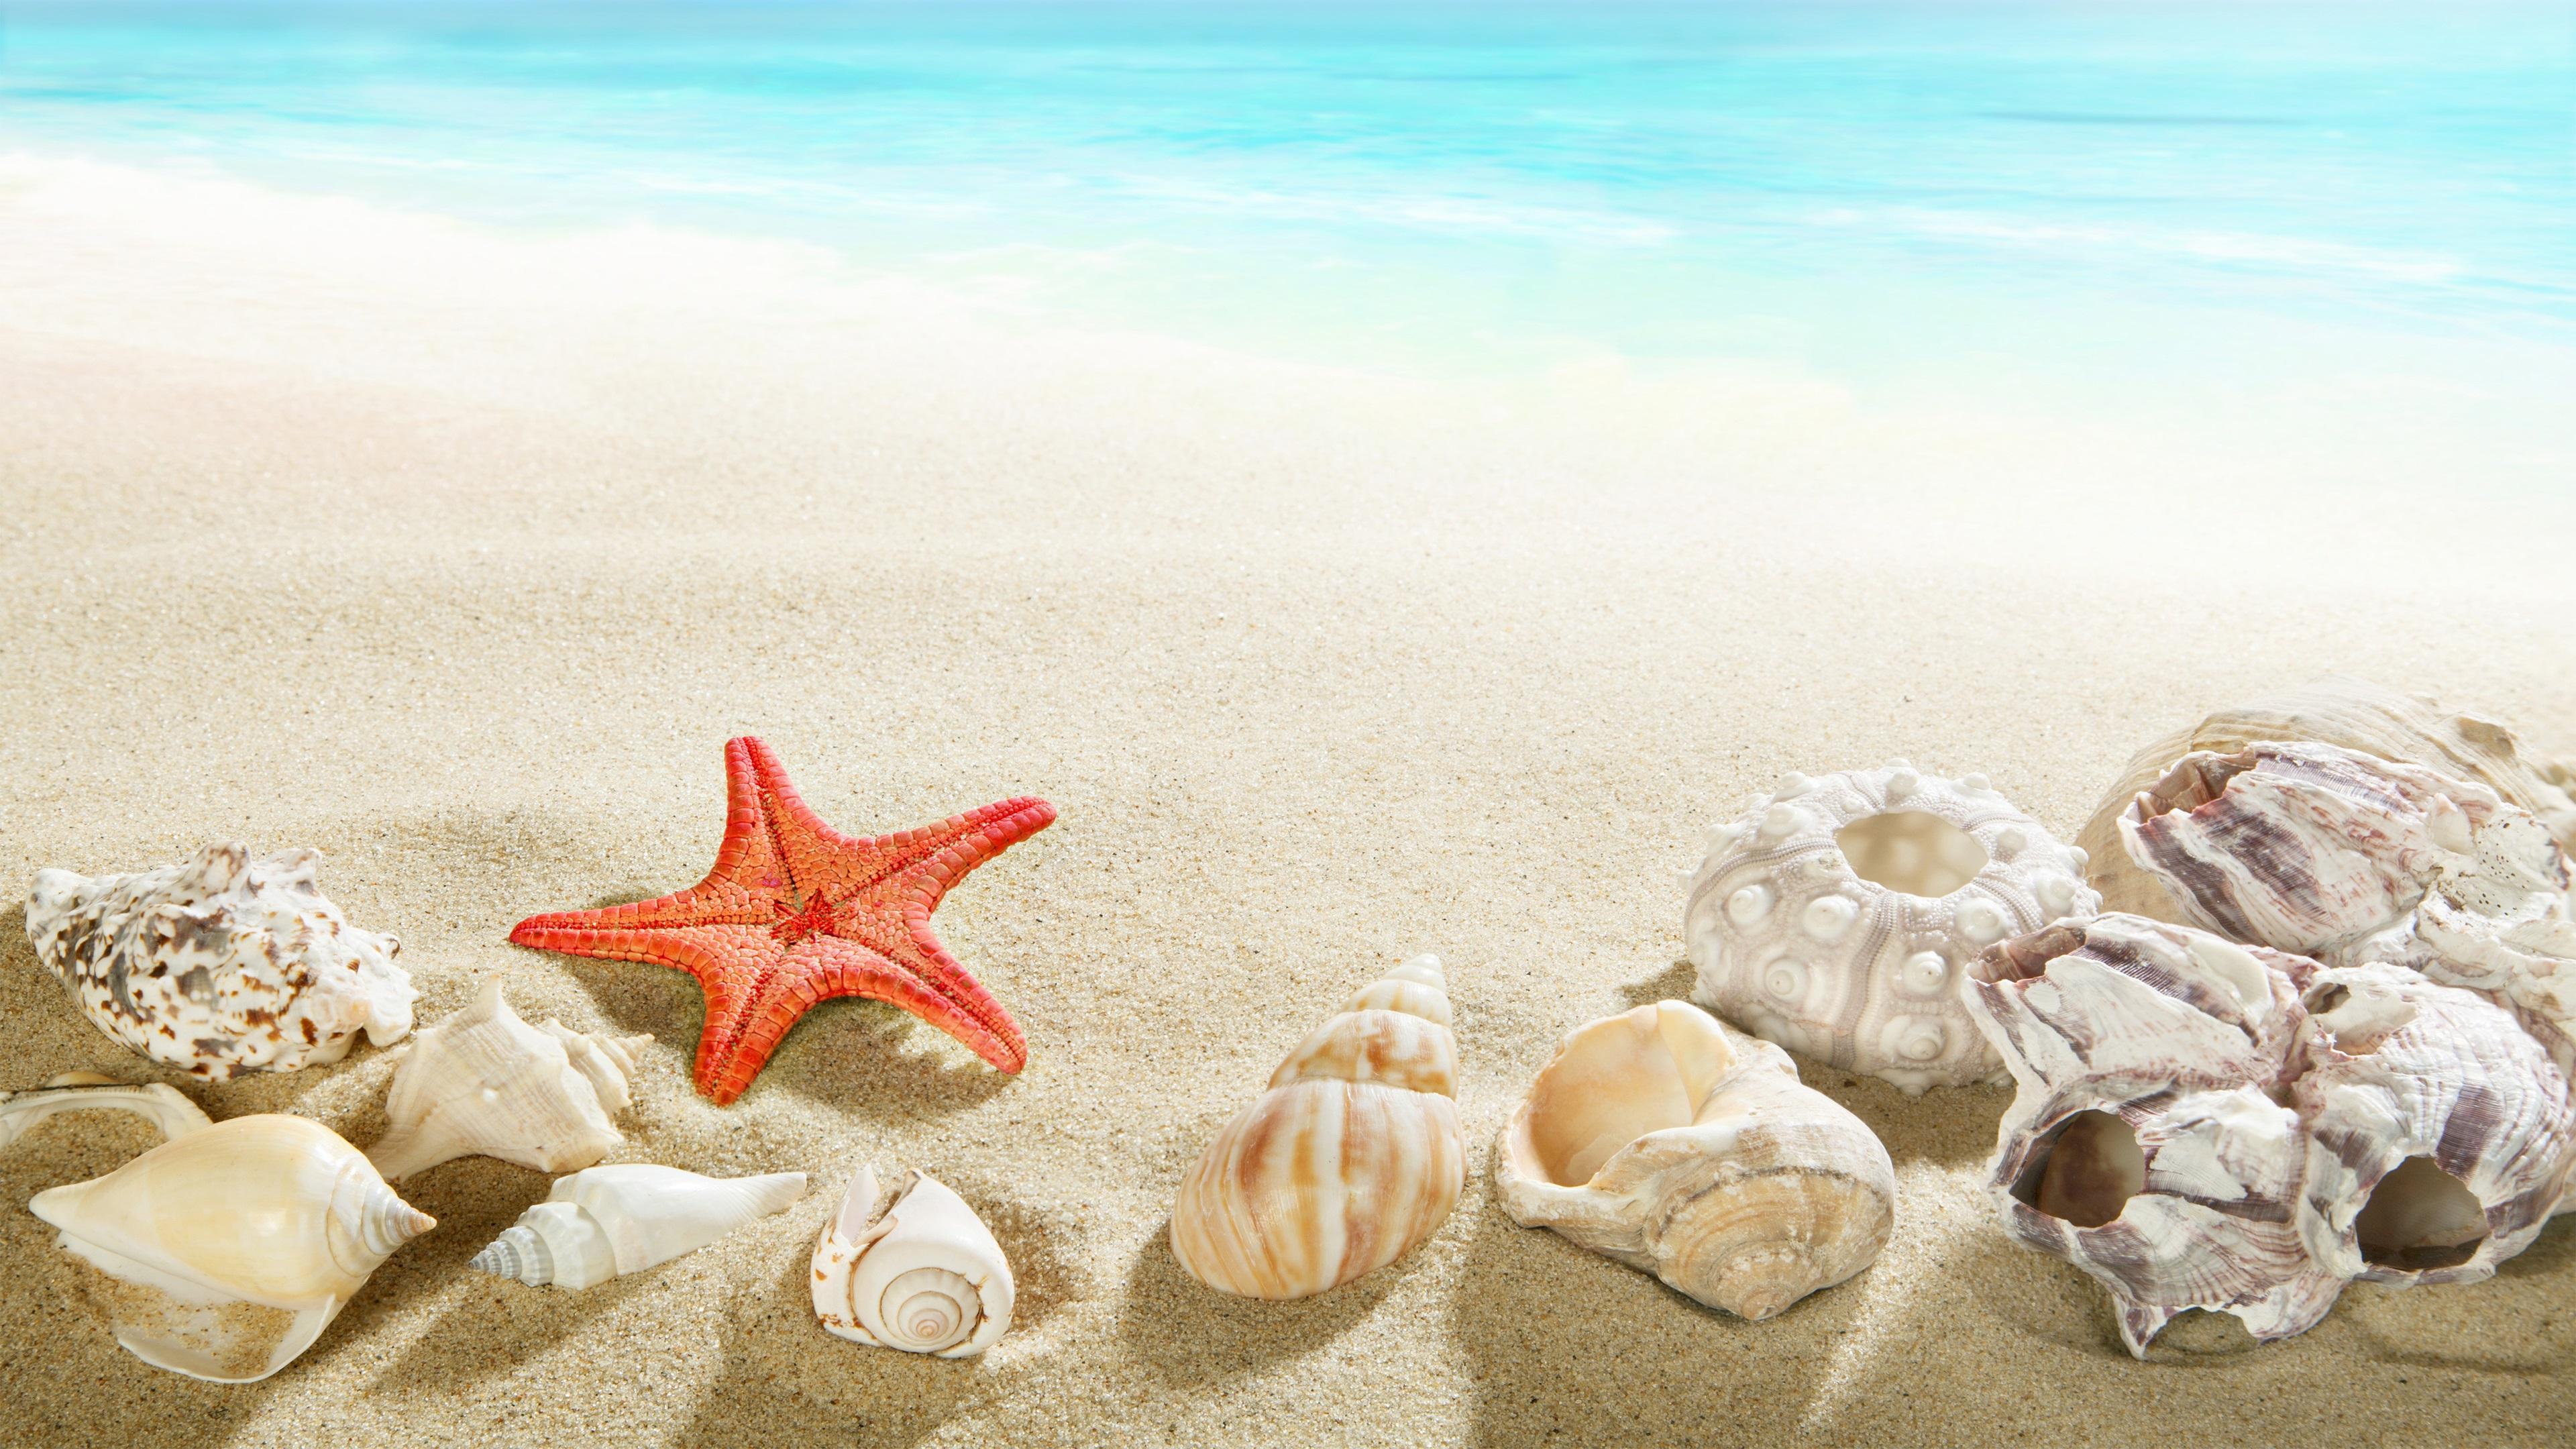 Fondos De Pantalla Del Mar: Fondos De Pantalla Playa, Concha Marina, Estrella De Mar